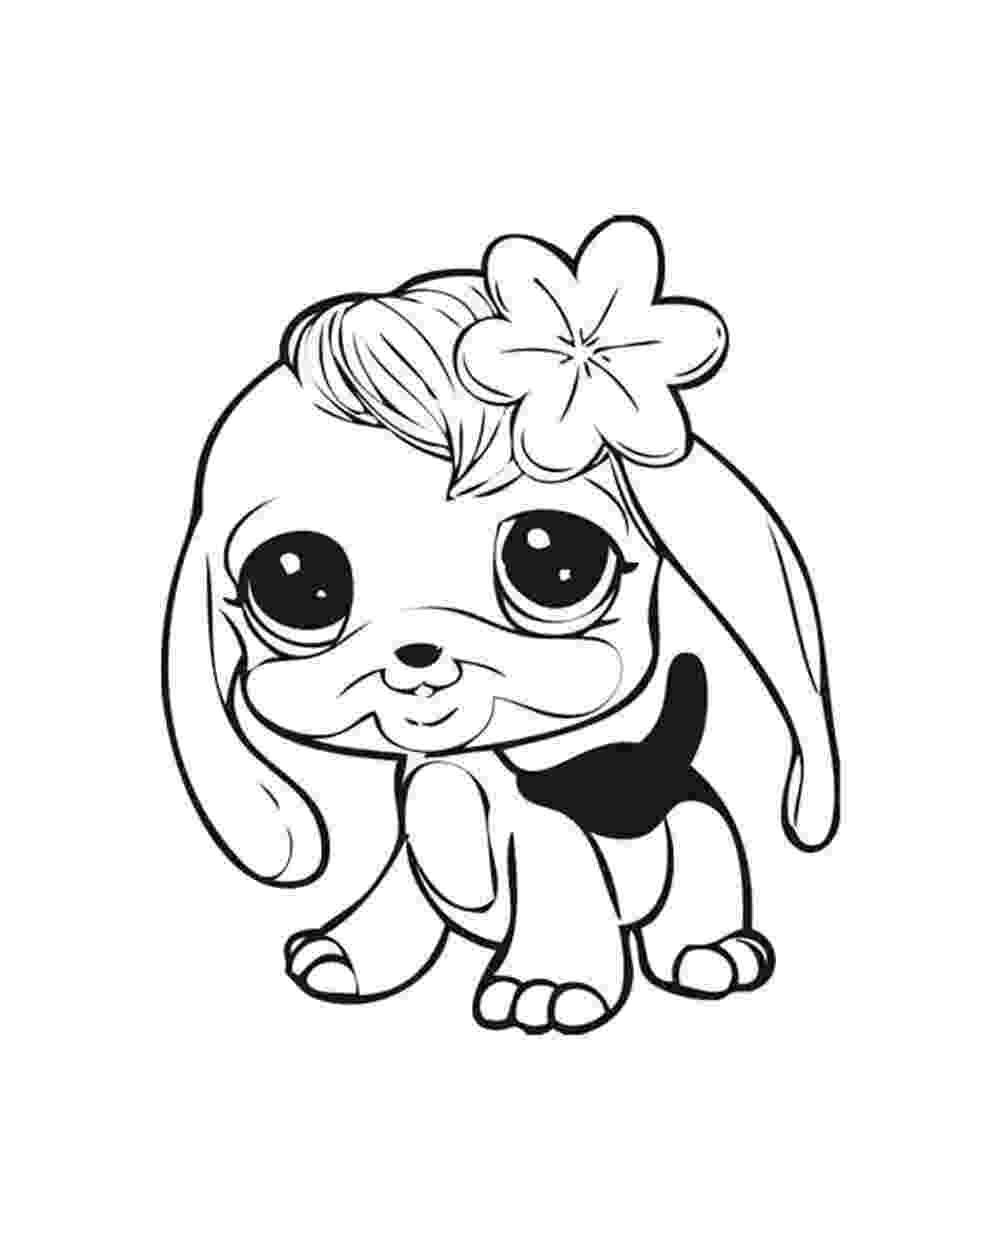 littlest pet shop coloring pages 20 best images about littlest pet shop coloring pages on coloring littlest pet pages shop